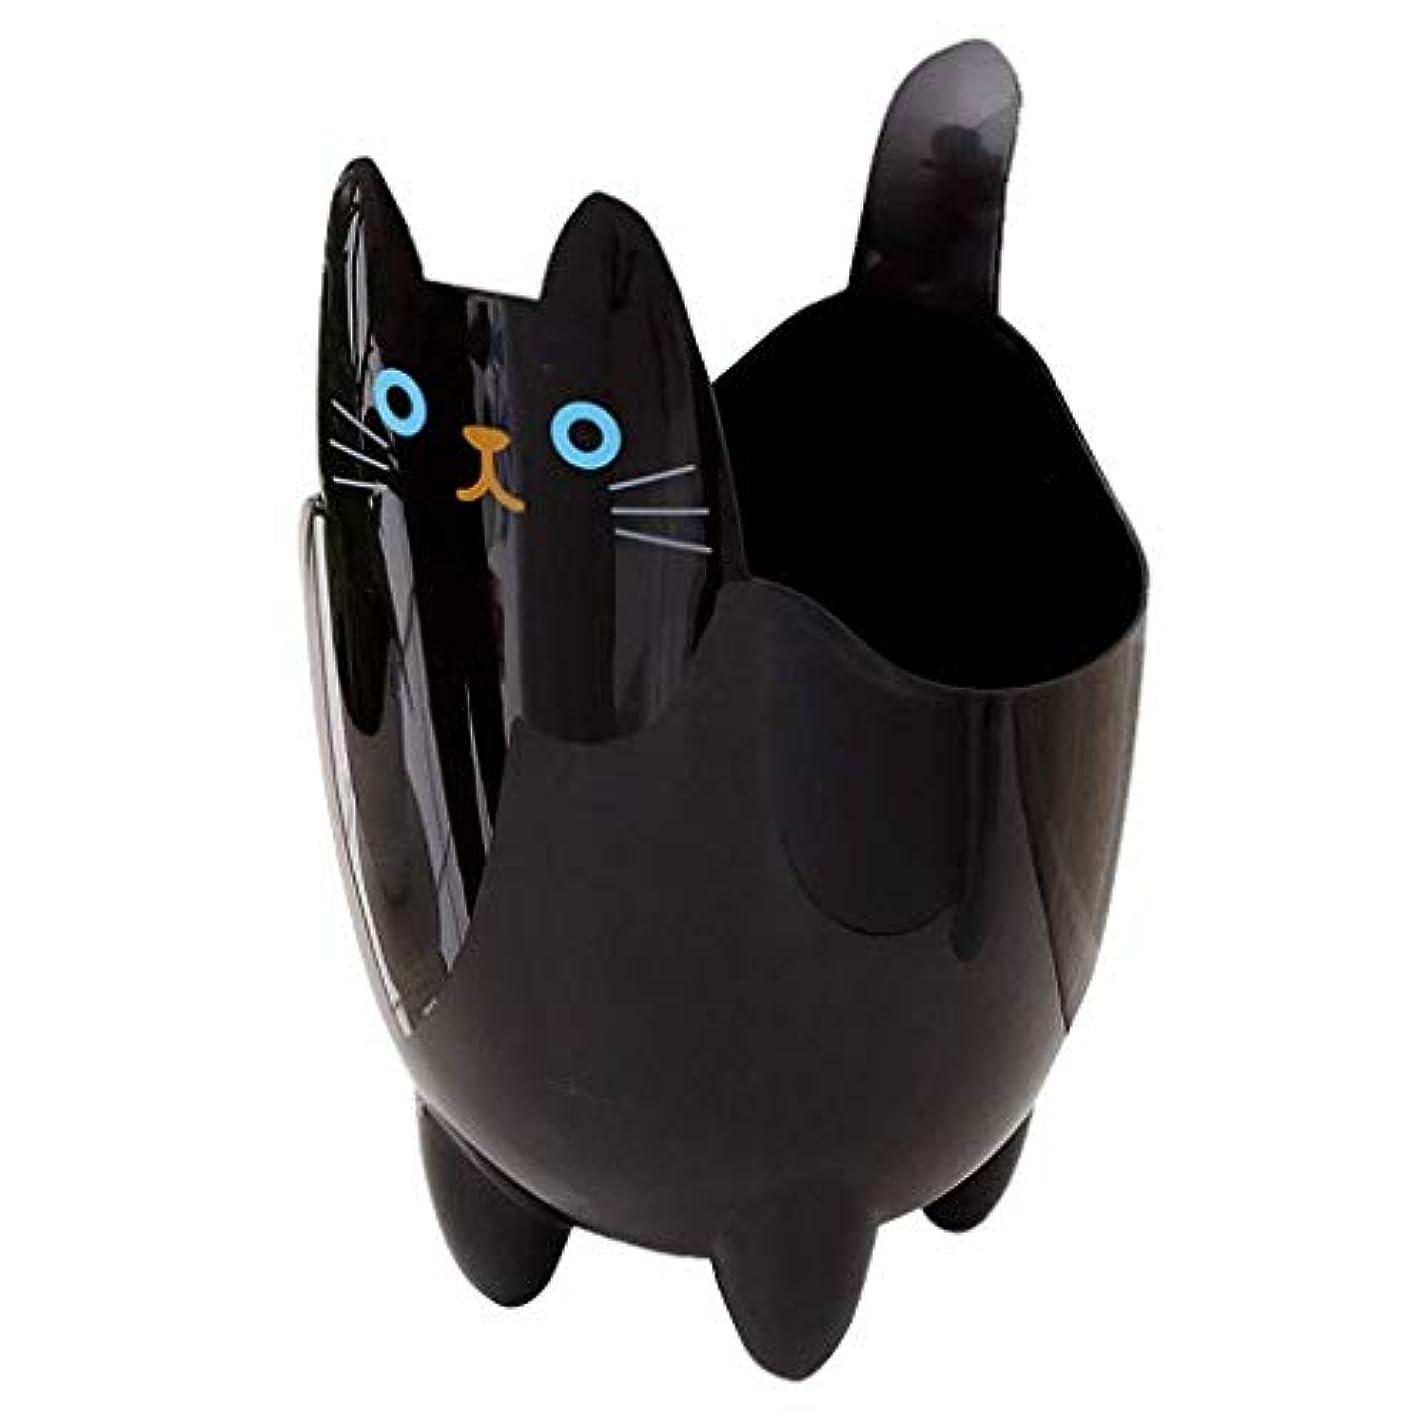 手足きらめきユーザーオフィスの浴室の居間のための創造的な収納収納バケツかわいい猫のゴミ箱 (Color : Black)